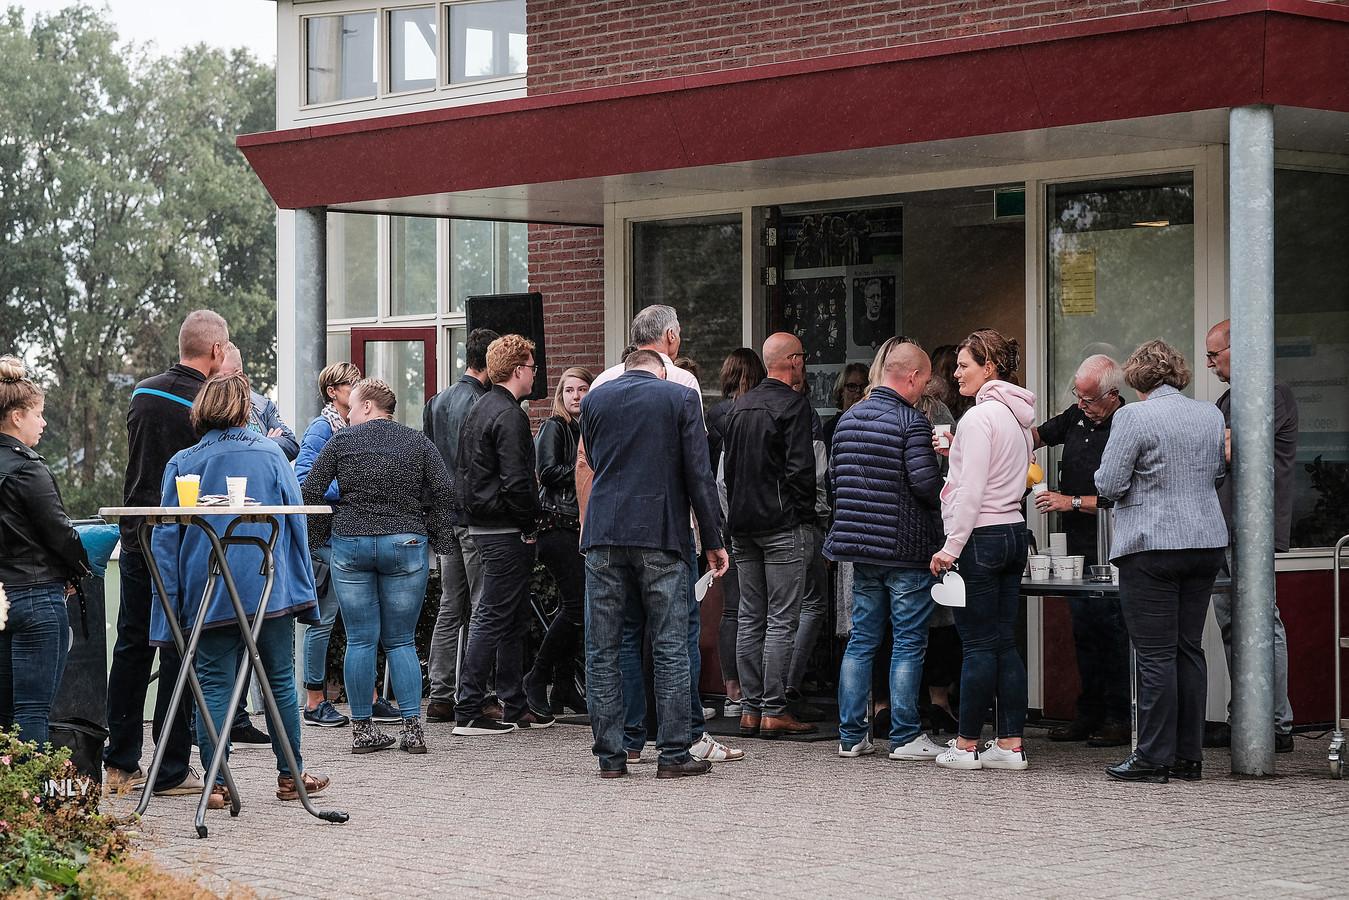 Donderdagavond puilde bij een herdenkingsdienst voor de 13-jarige voetballer Tijmen de kantine van voetbalclub MvR uit.